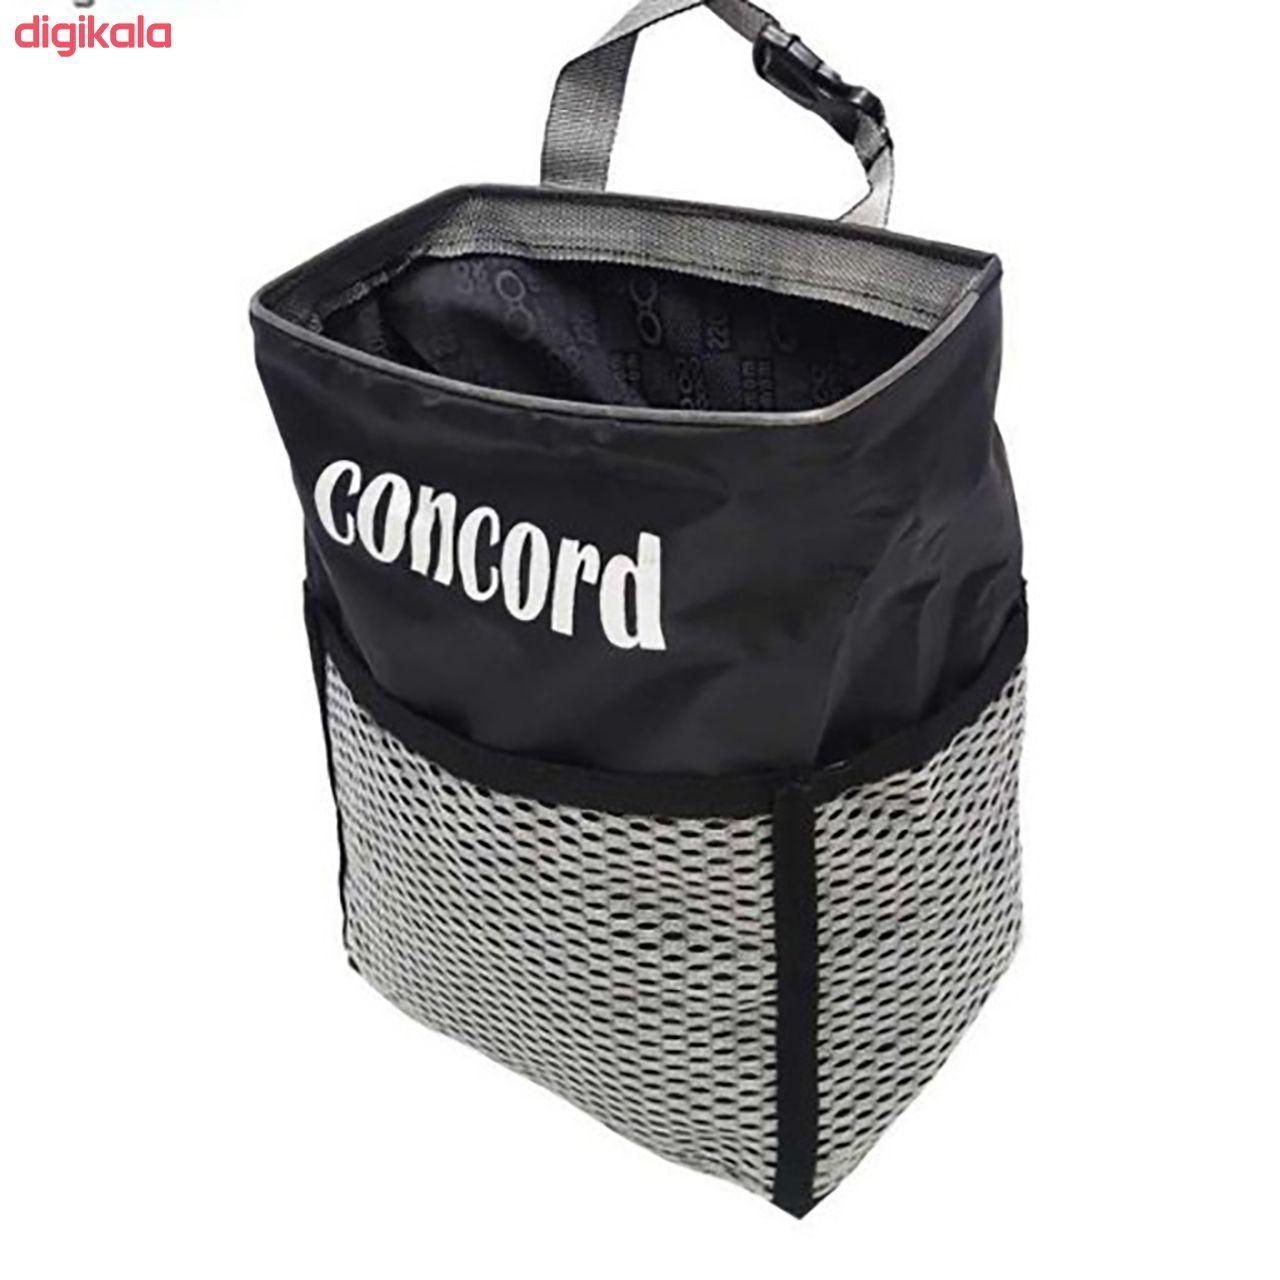 کیسه زباله خودرو کنکورد مدل CRD0012 main 1 2